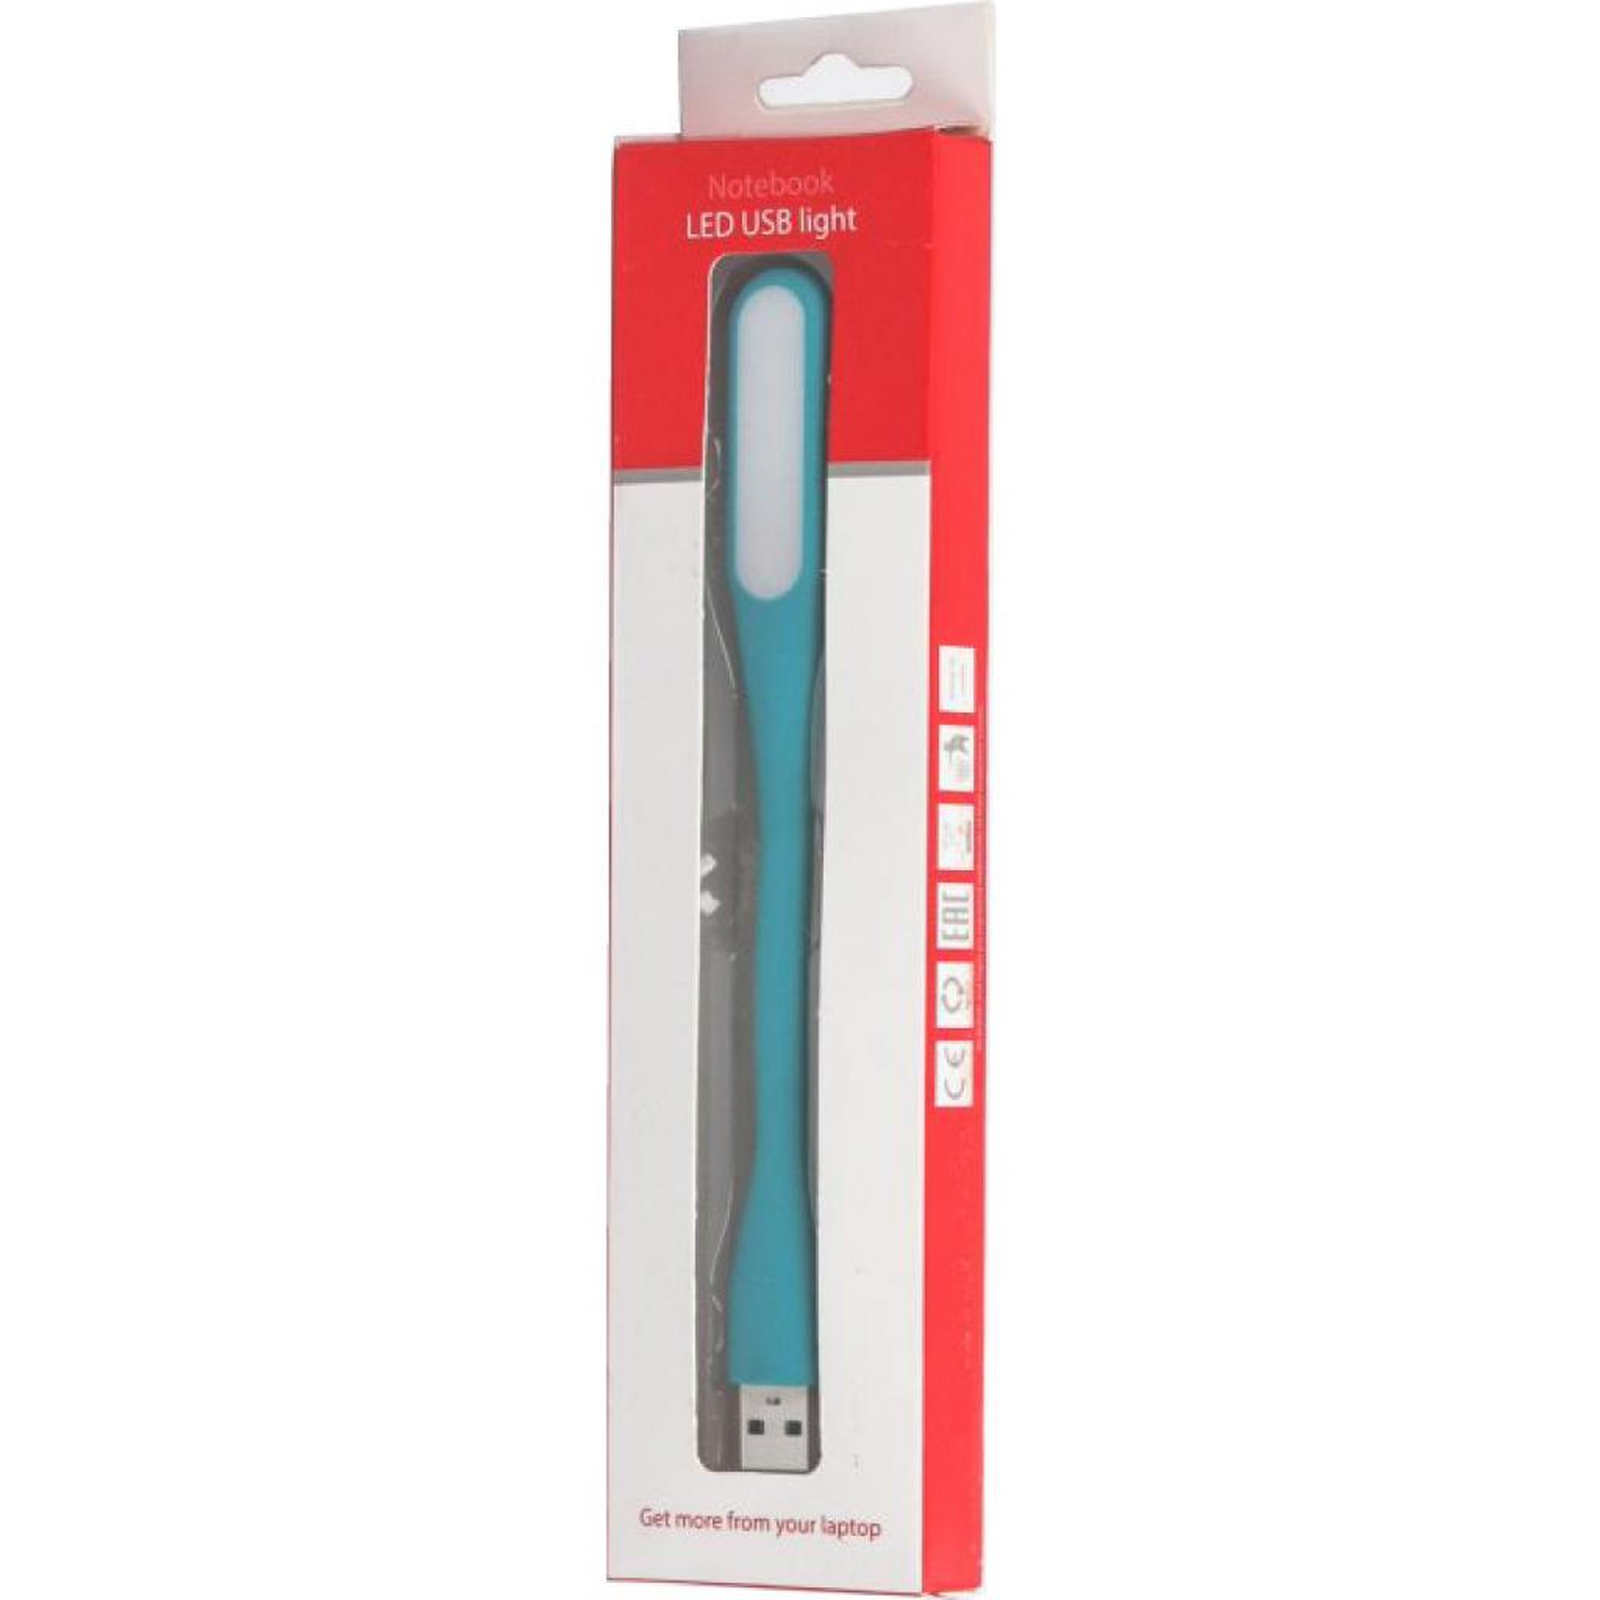 Лампа GEMBIRD USB (NL-01-CY) изображение 2